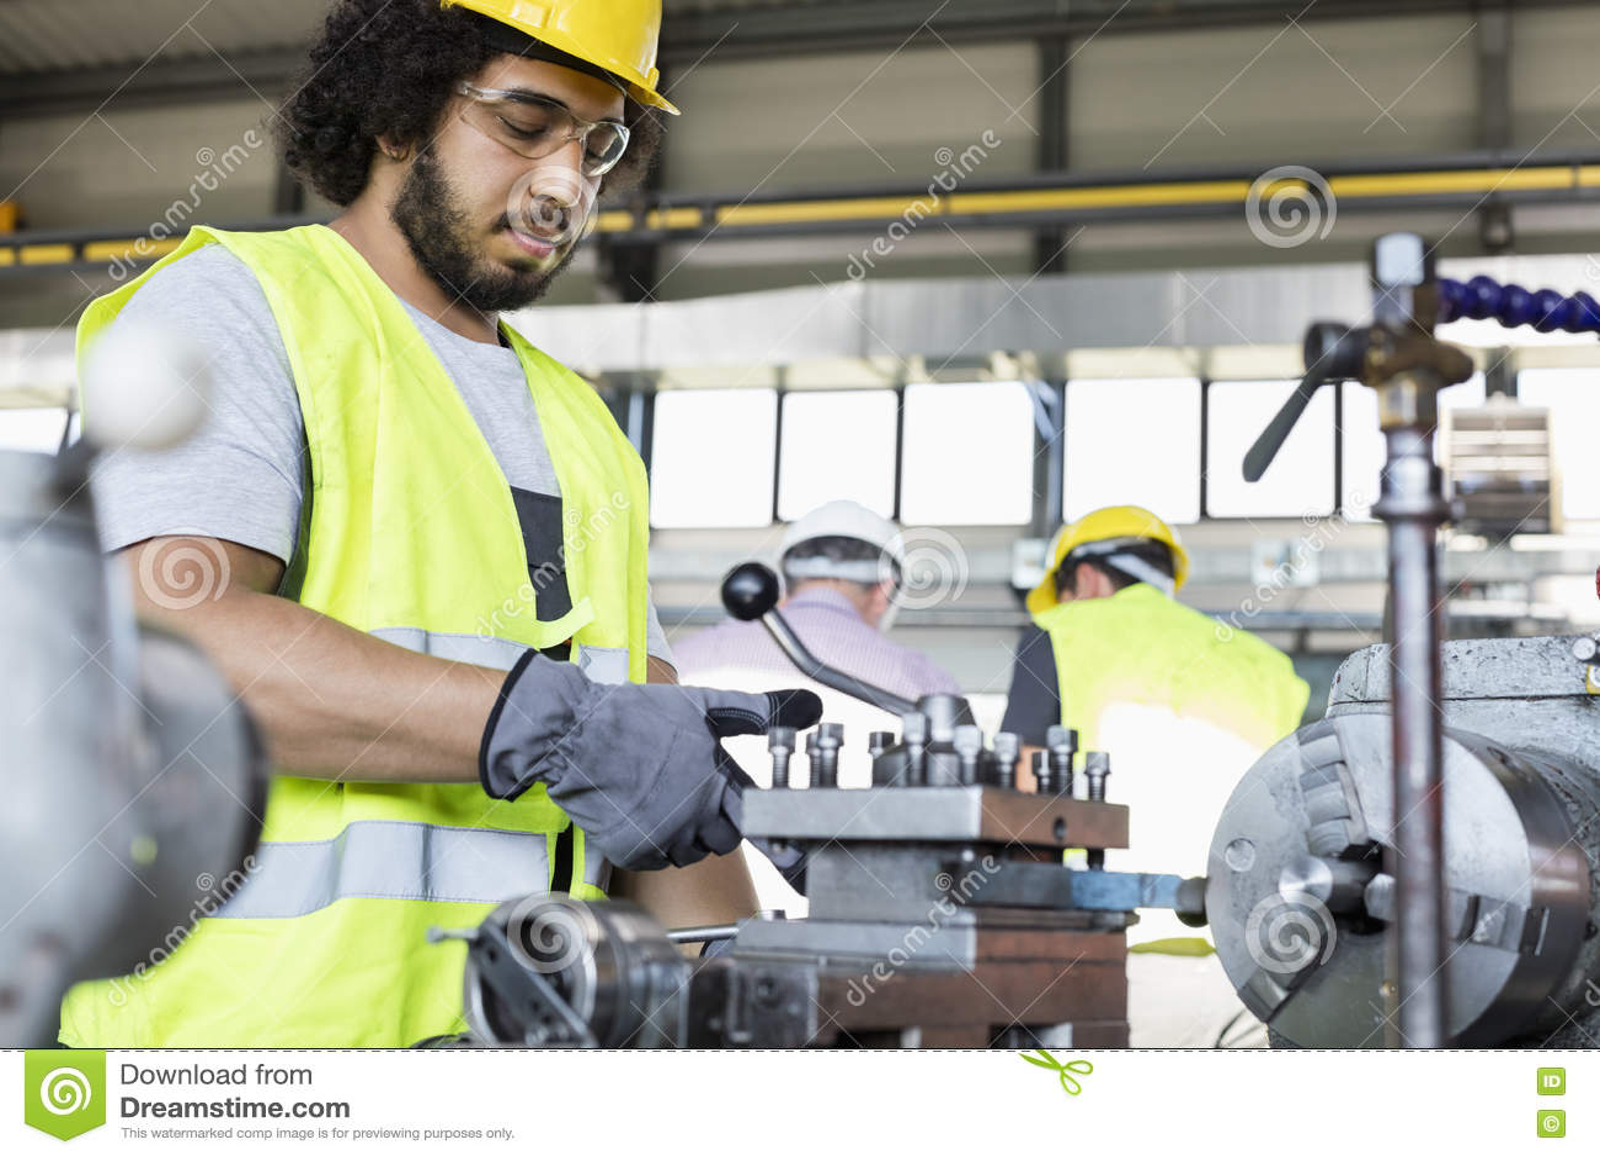 Ungt fungerande maskineri för manuell arbetare i metallbransch